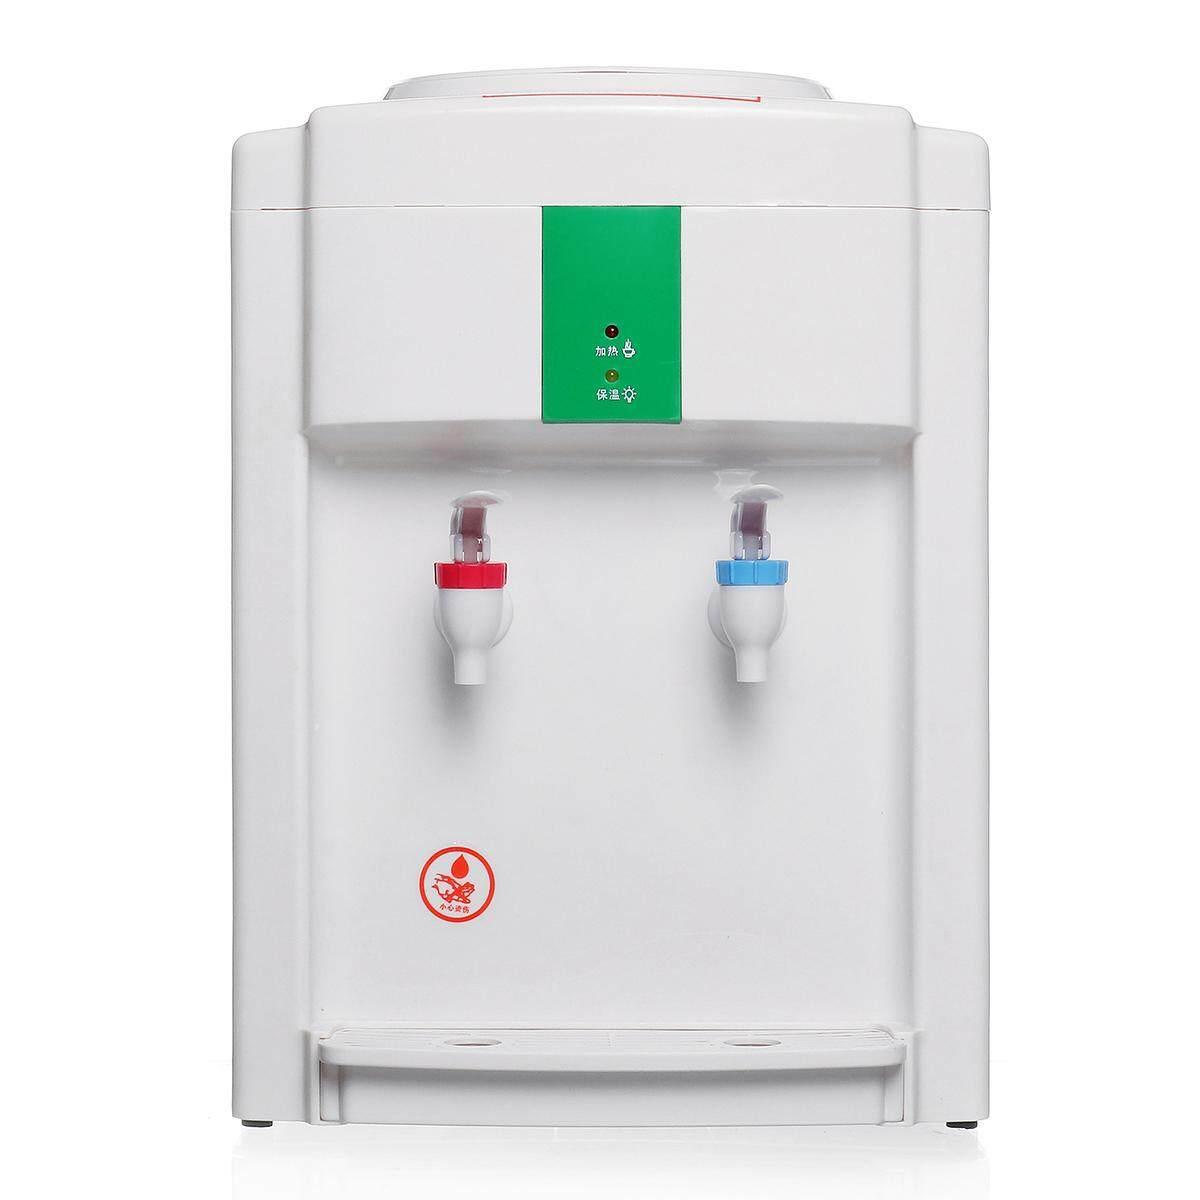 Điện Lạnh Làm Lạnh Nước Đựng Máy Tính Để Bàn 3-5 Gallon Nhà Văn Phòng